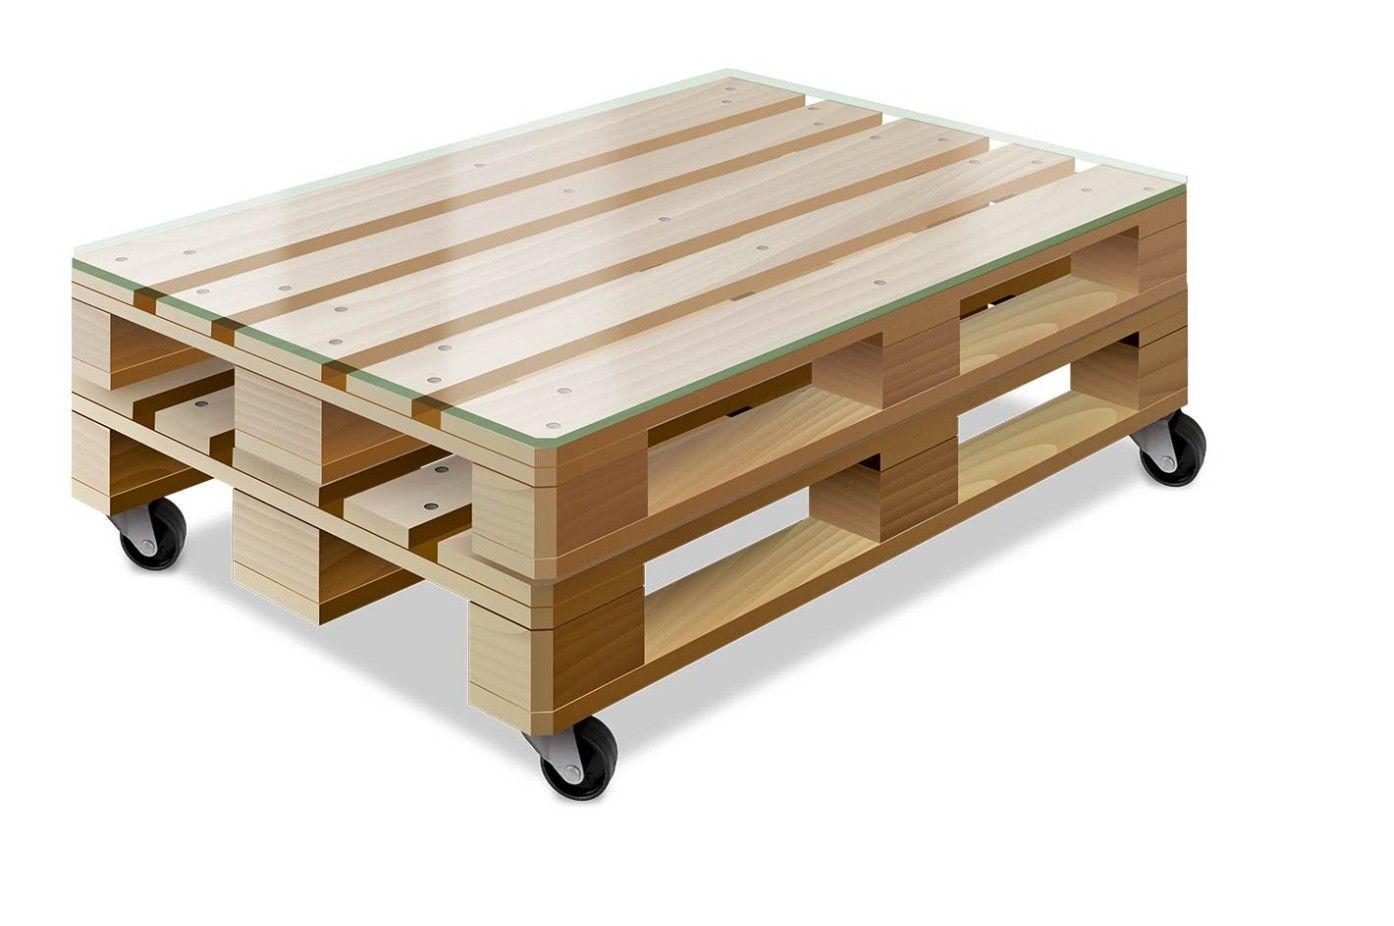 Bauen Sie Einen Hübschen Tisch Aus Paletten Im Angesagten Vintage Look Wie Es Geht Zeigt Die Schritt Für Schritt Paletten Tisch Tisch Bauen Möbel Aus Paletten